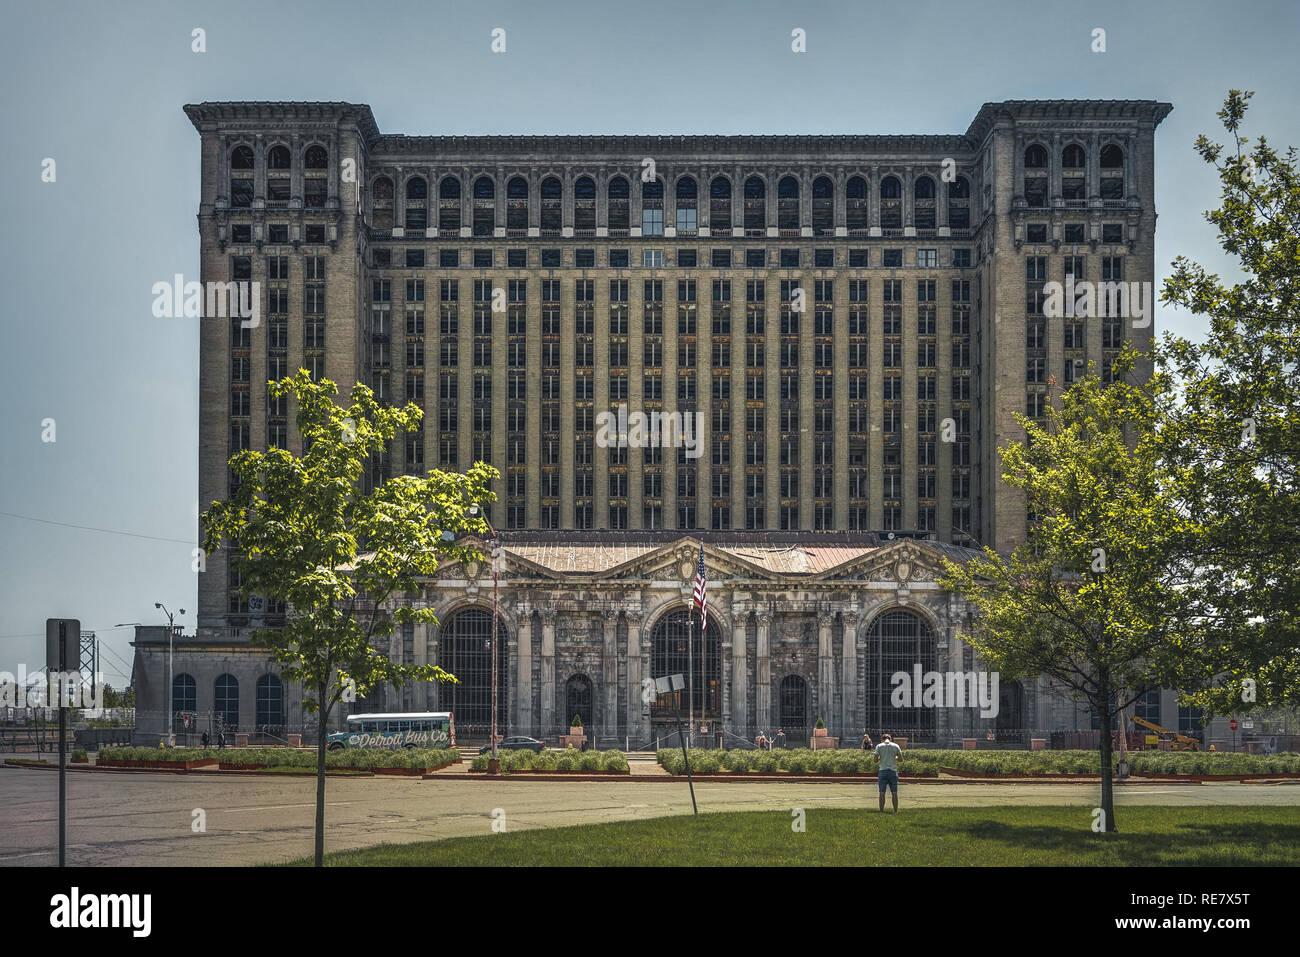 detroit michigan estados unidos octubre 2018 vista del antiguo edificio de la estacion central de michigan en detroit que sirvio como un importante deposito ferroviario fotografia de stock alamy alamy